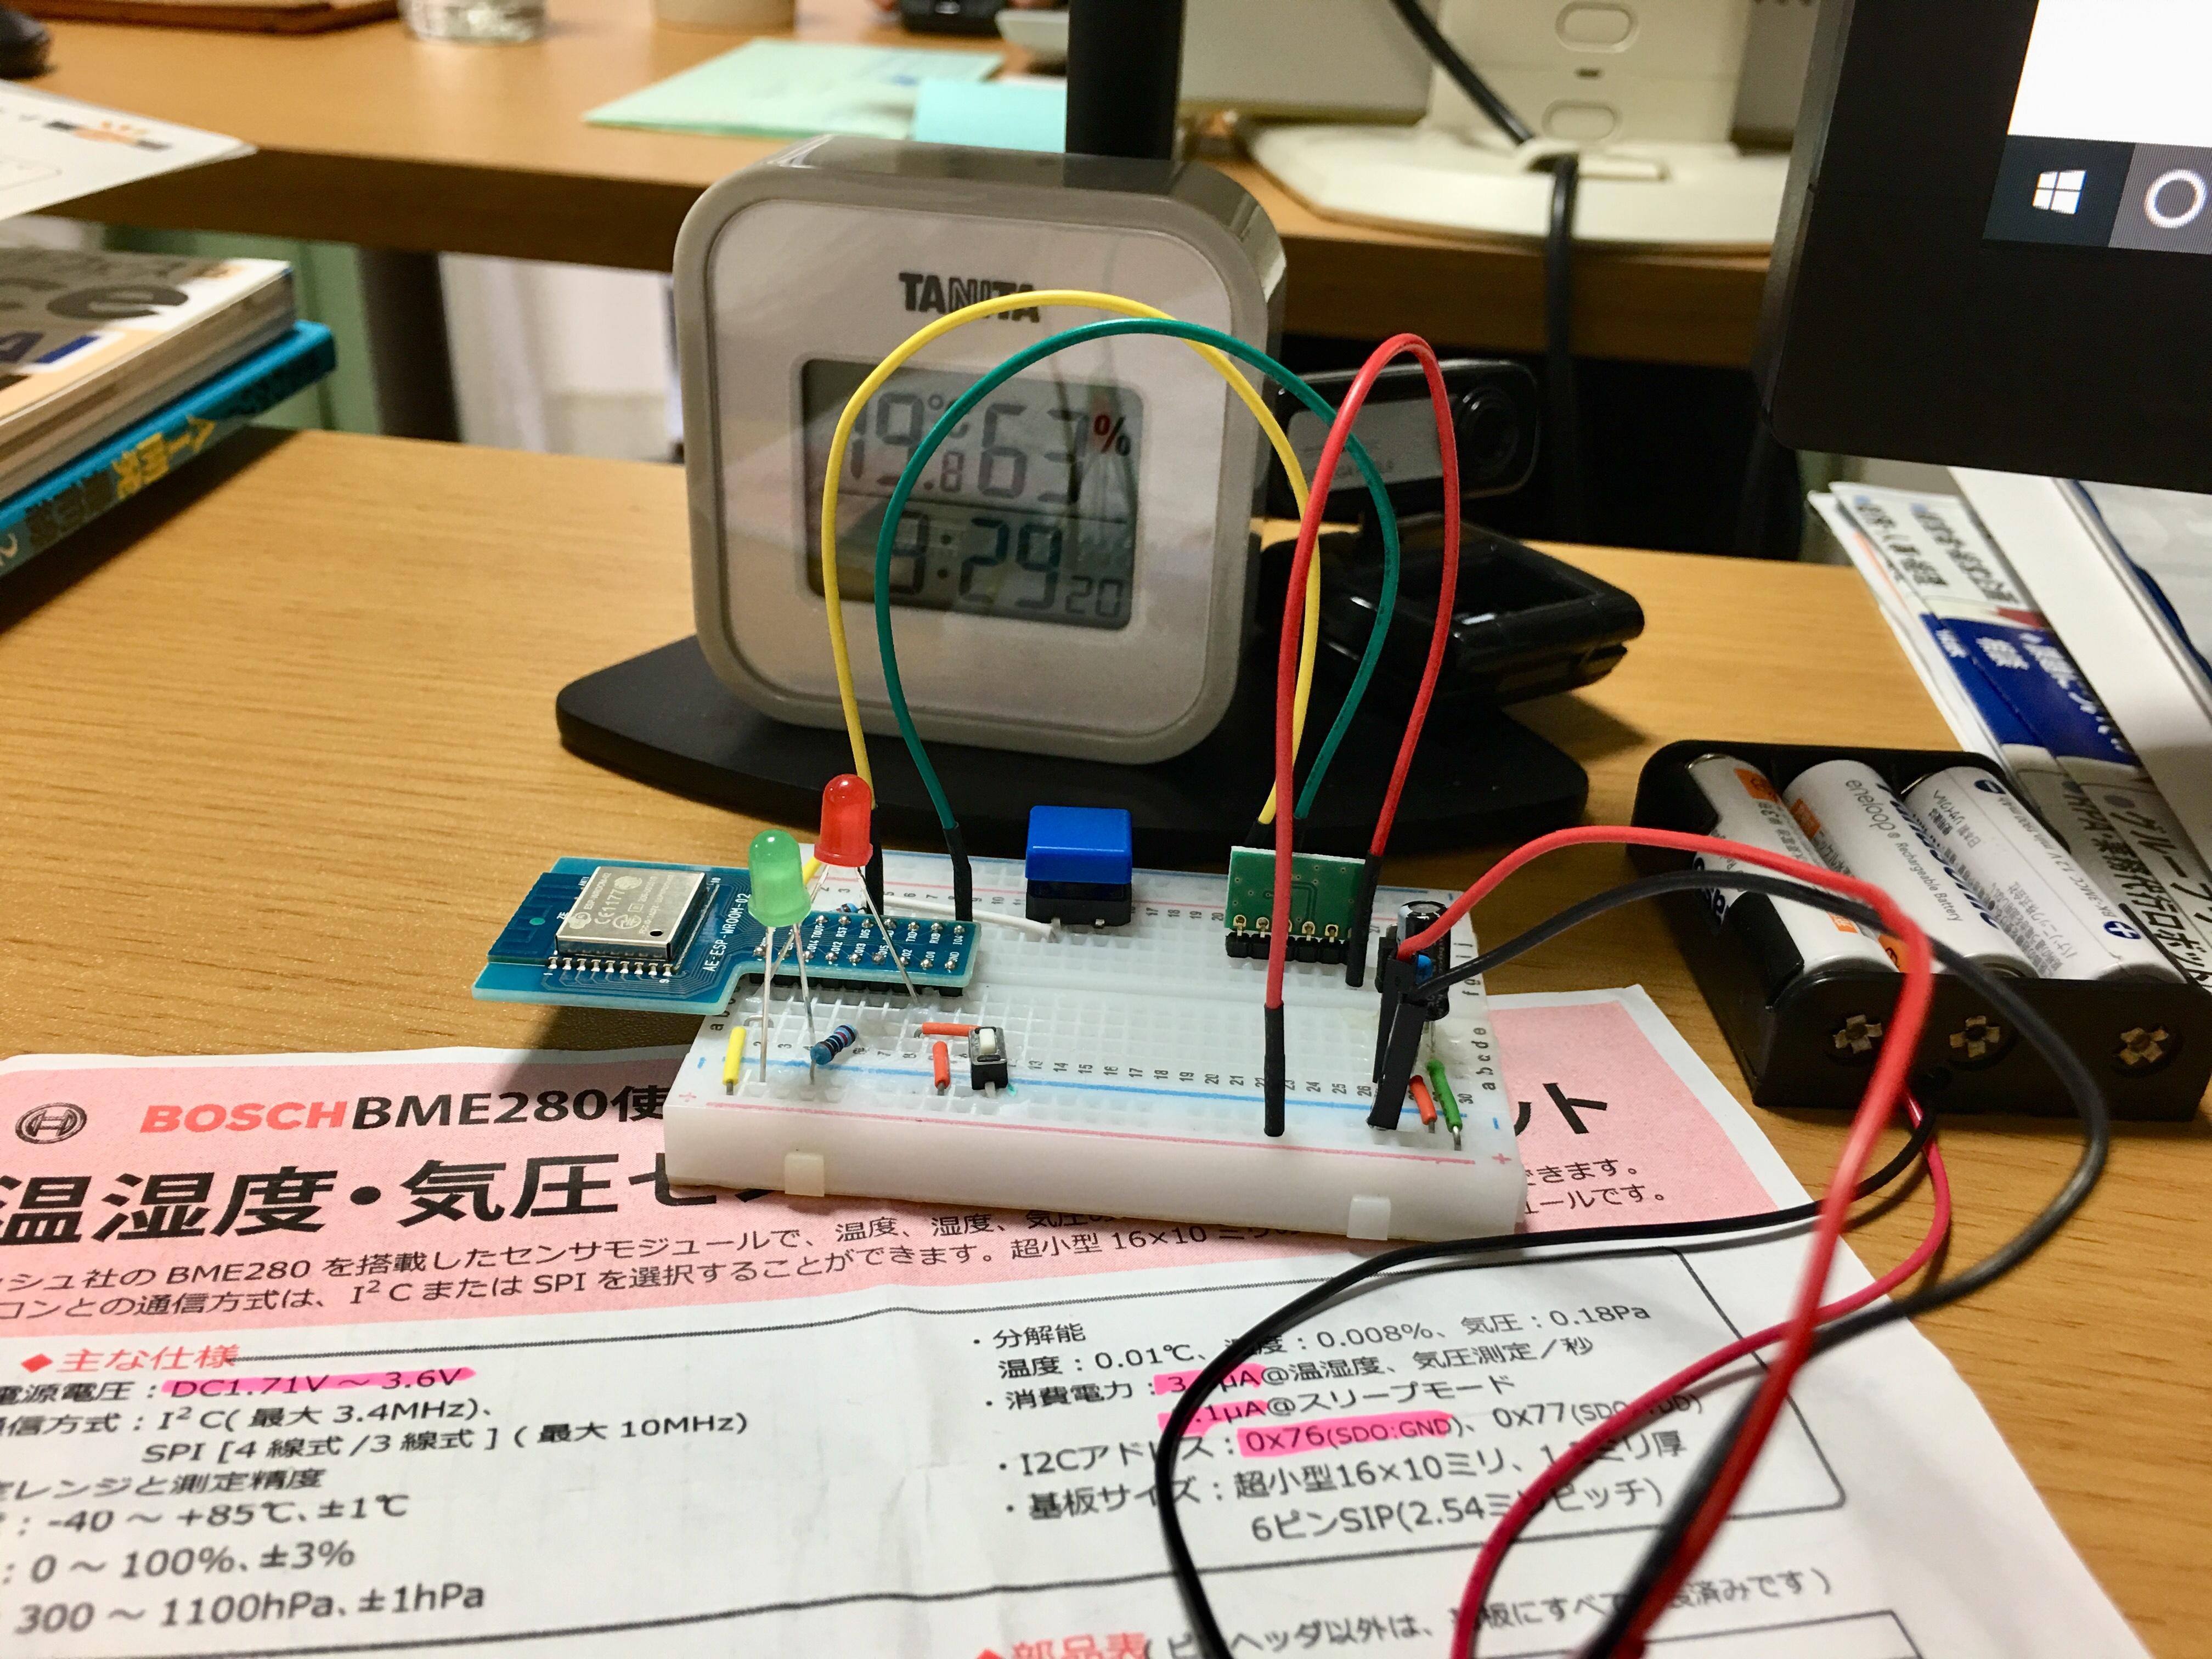 ESP-WROOM-02とBME280でとことん長持ちするセンサーをつくる イー・レンジャー株式会社